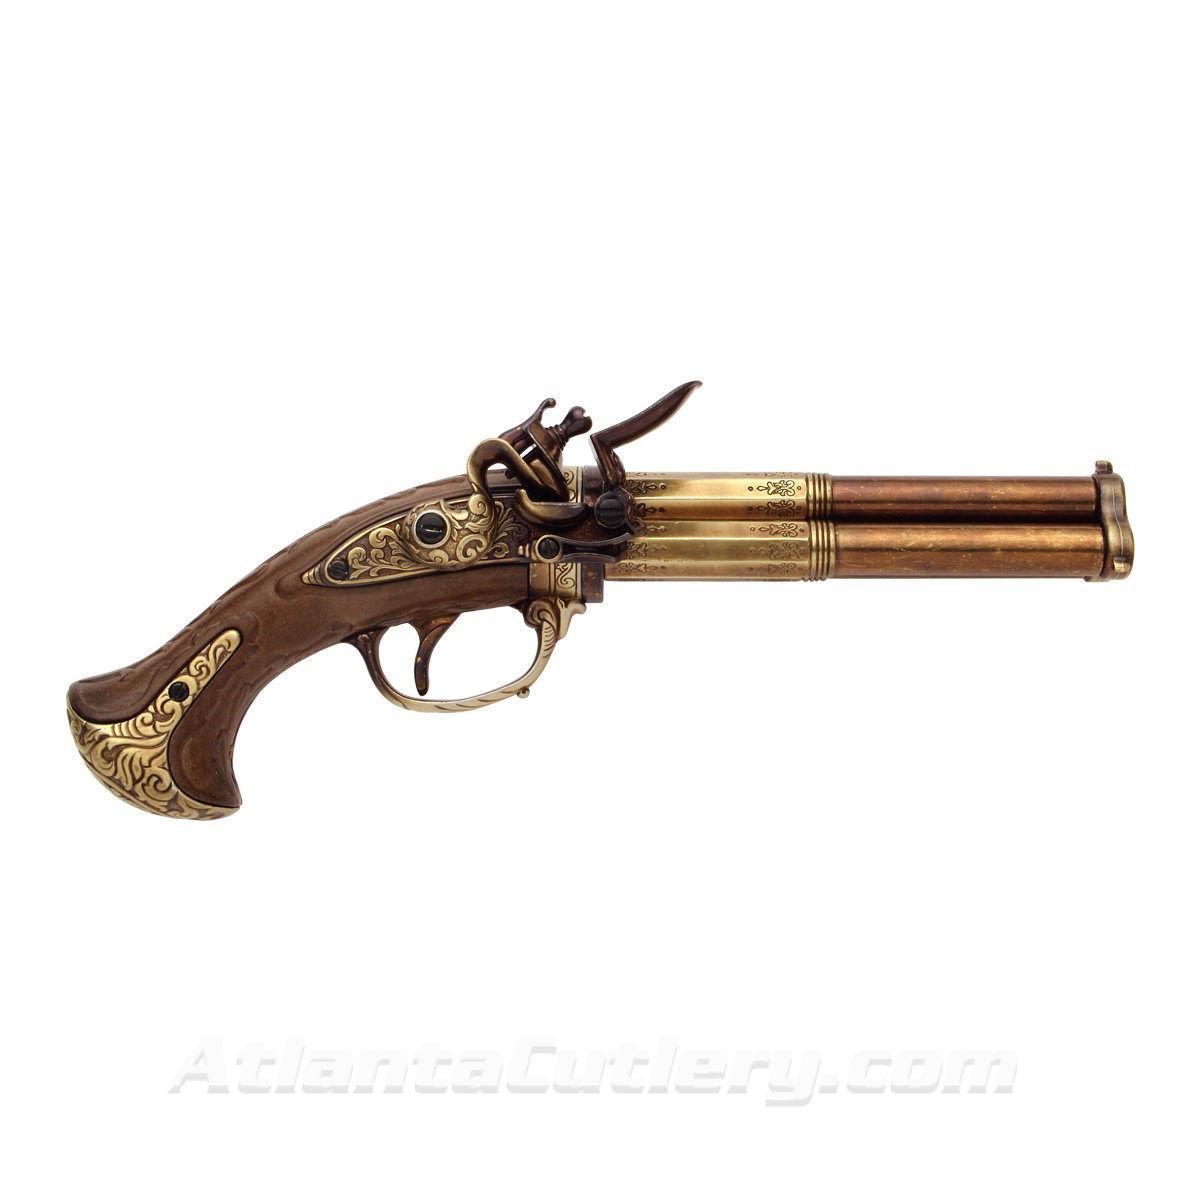 18th Century Three Barrel Flintlock Pistol Replica